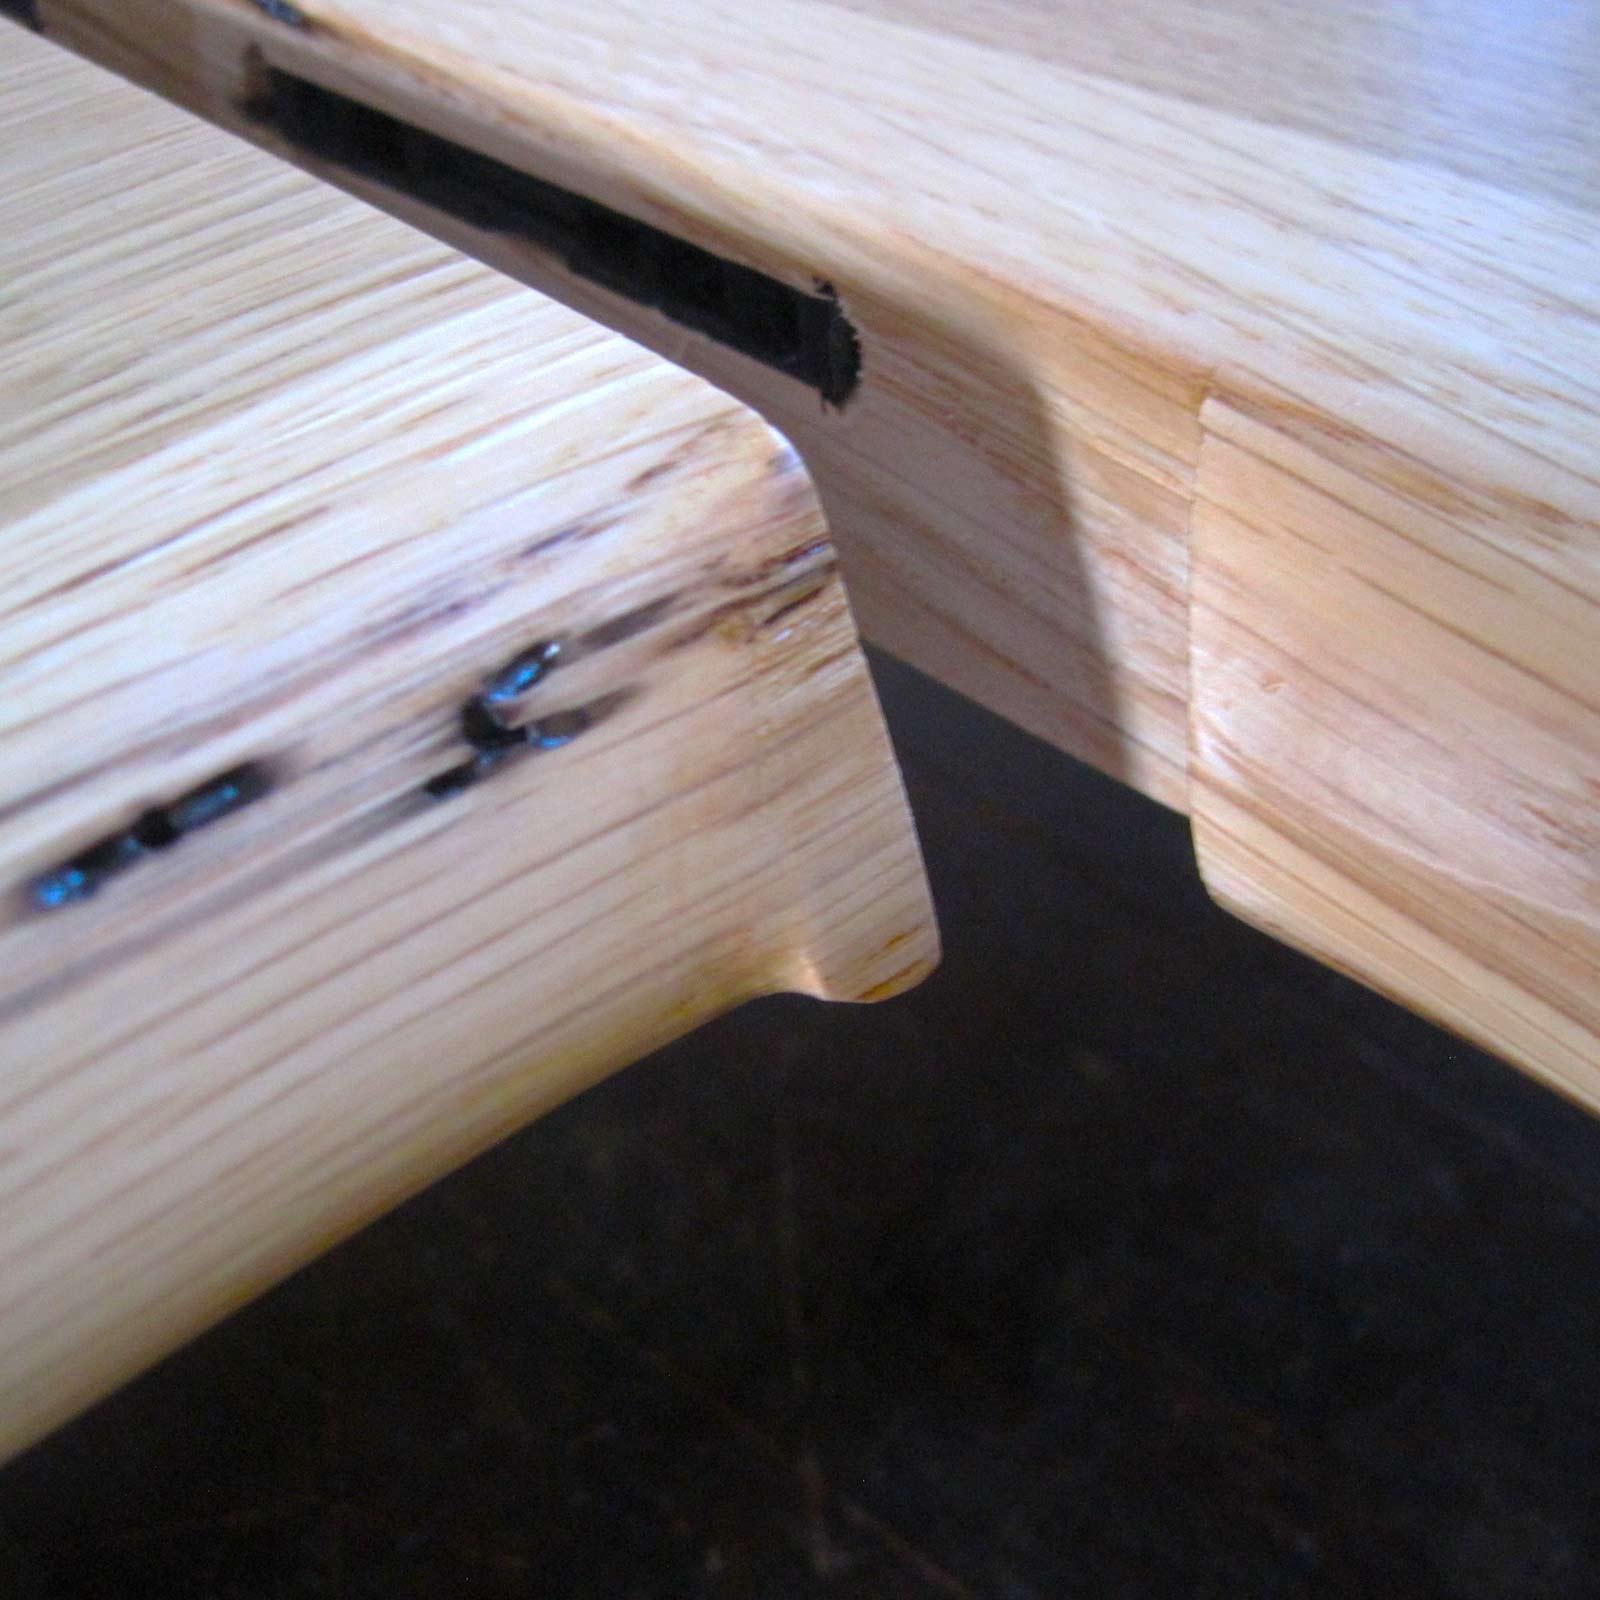 Eck-Holzfensterabnk mit Naturkante aus Eiche inkl. Verbinder